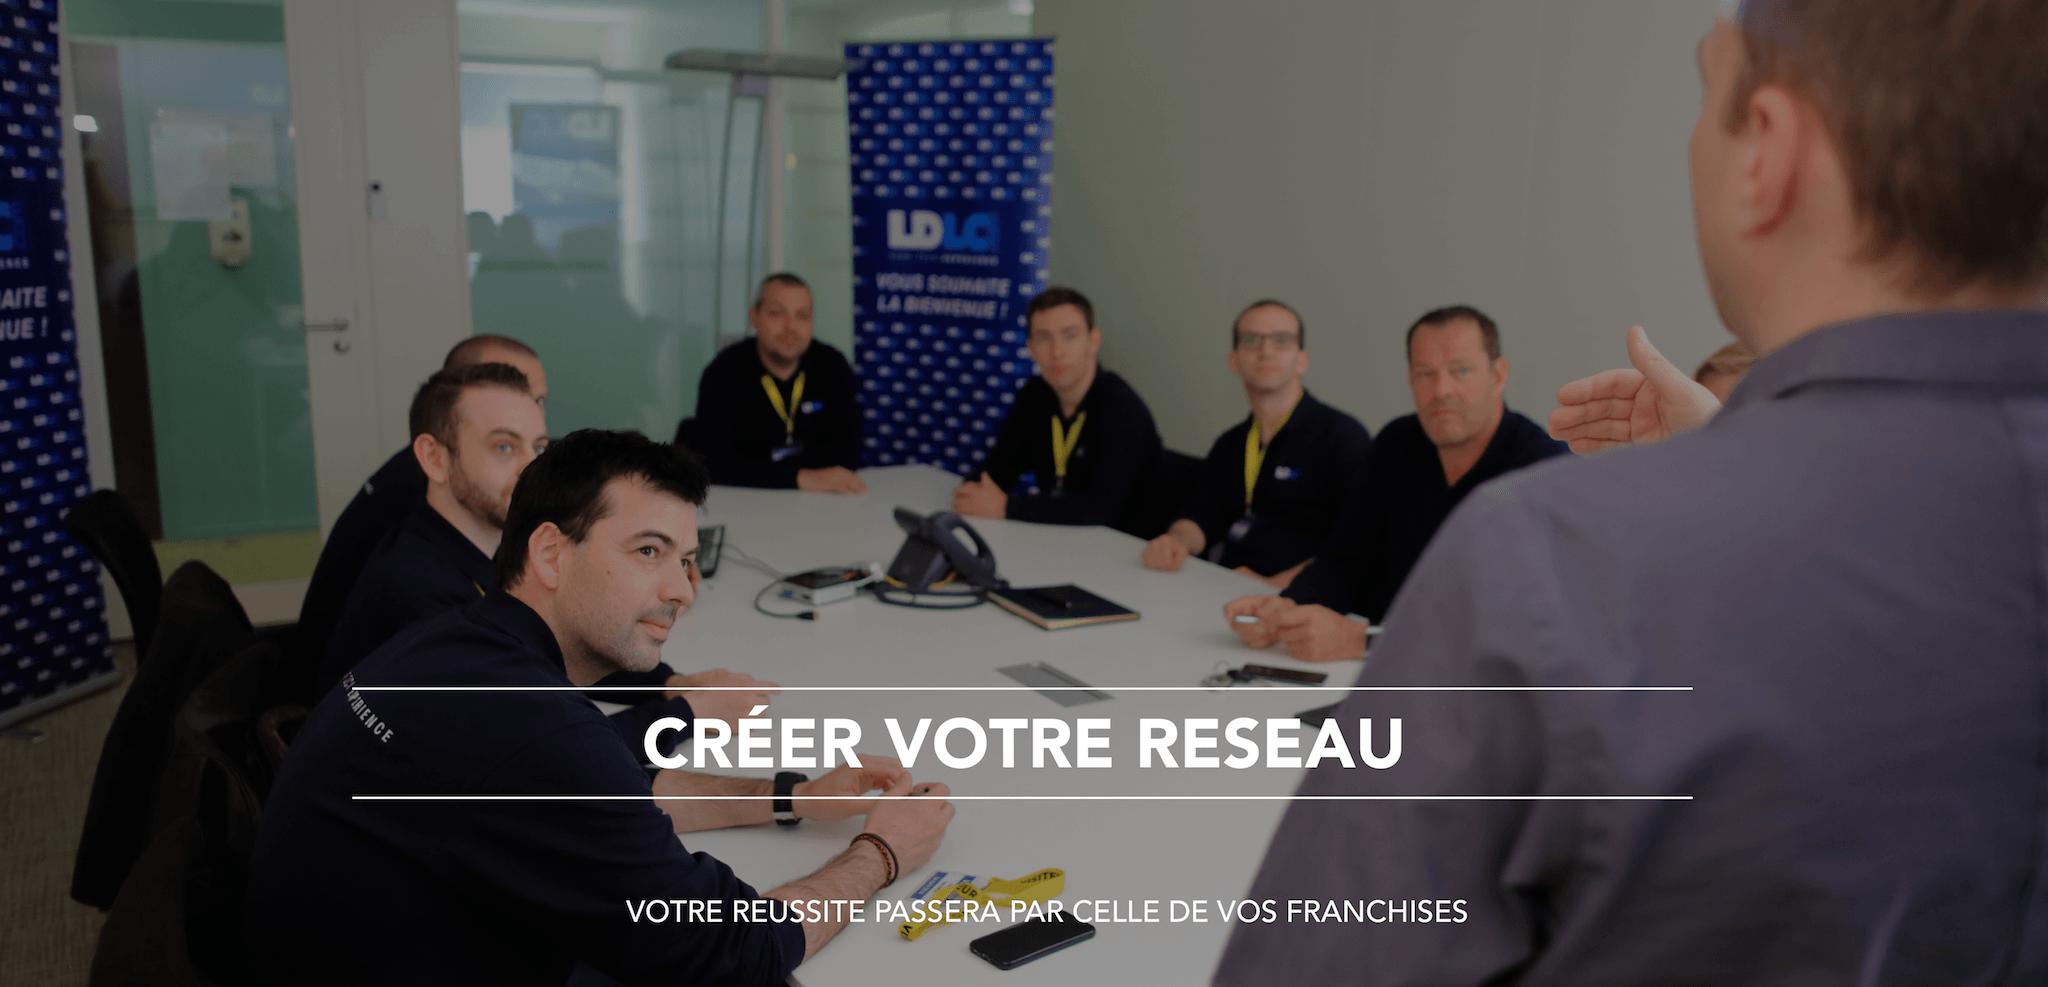 Créer votre réseau - réseau de franchisés - conseil franchise